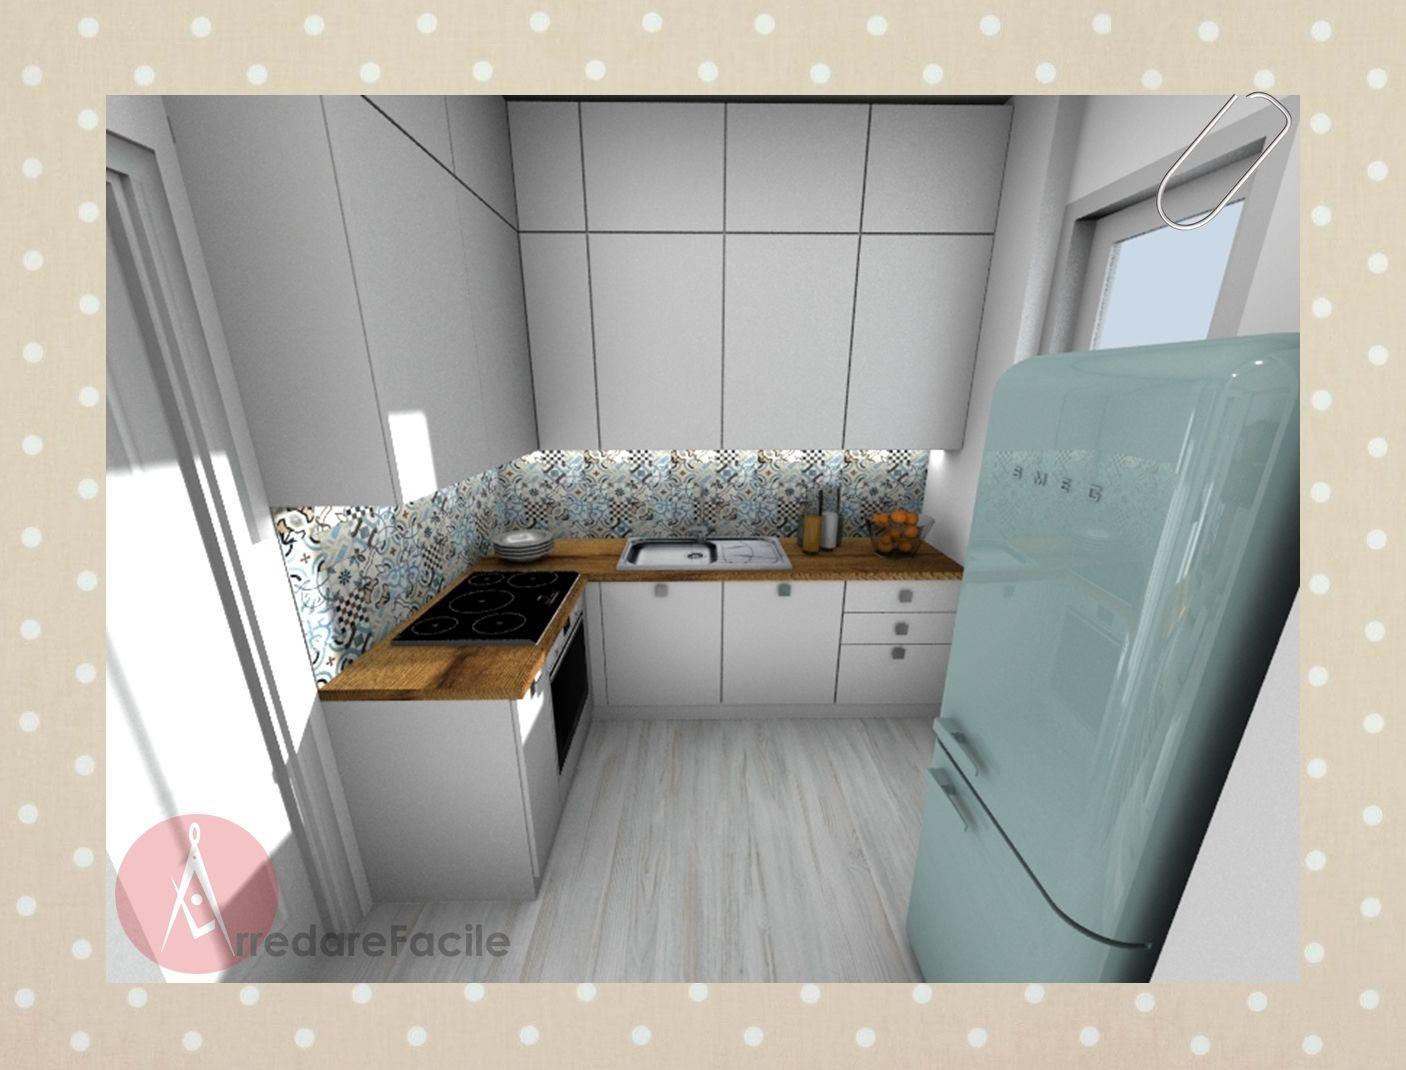 Cucina ristrutturata con rivestimento in cementine e frigo smeg anni 39 50 i nostri progetti d - Cucina anni 20 ...